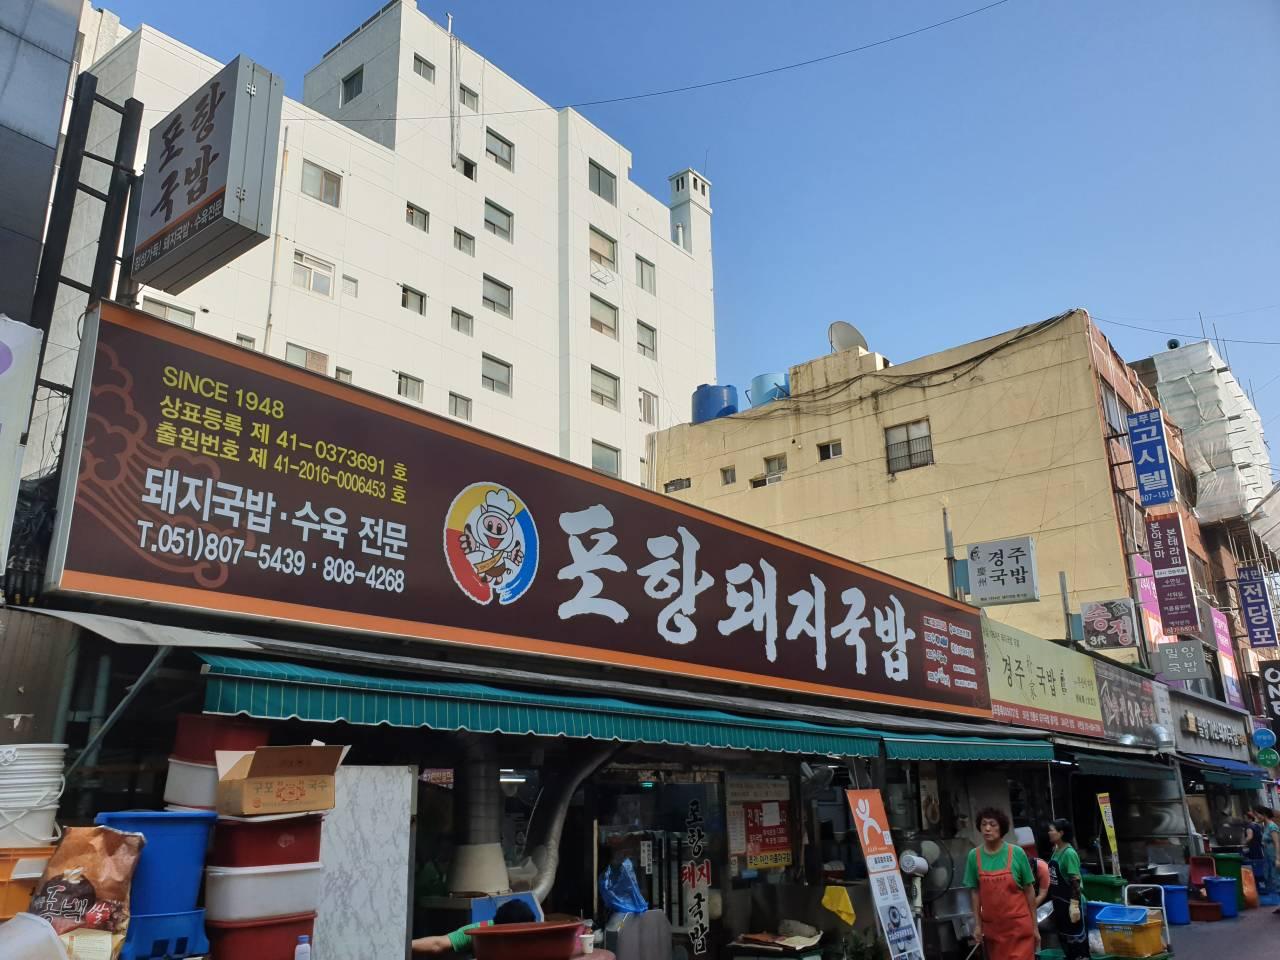 Pohang Dwaeji Gukbap(포항돼지국밥)